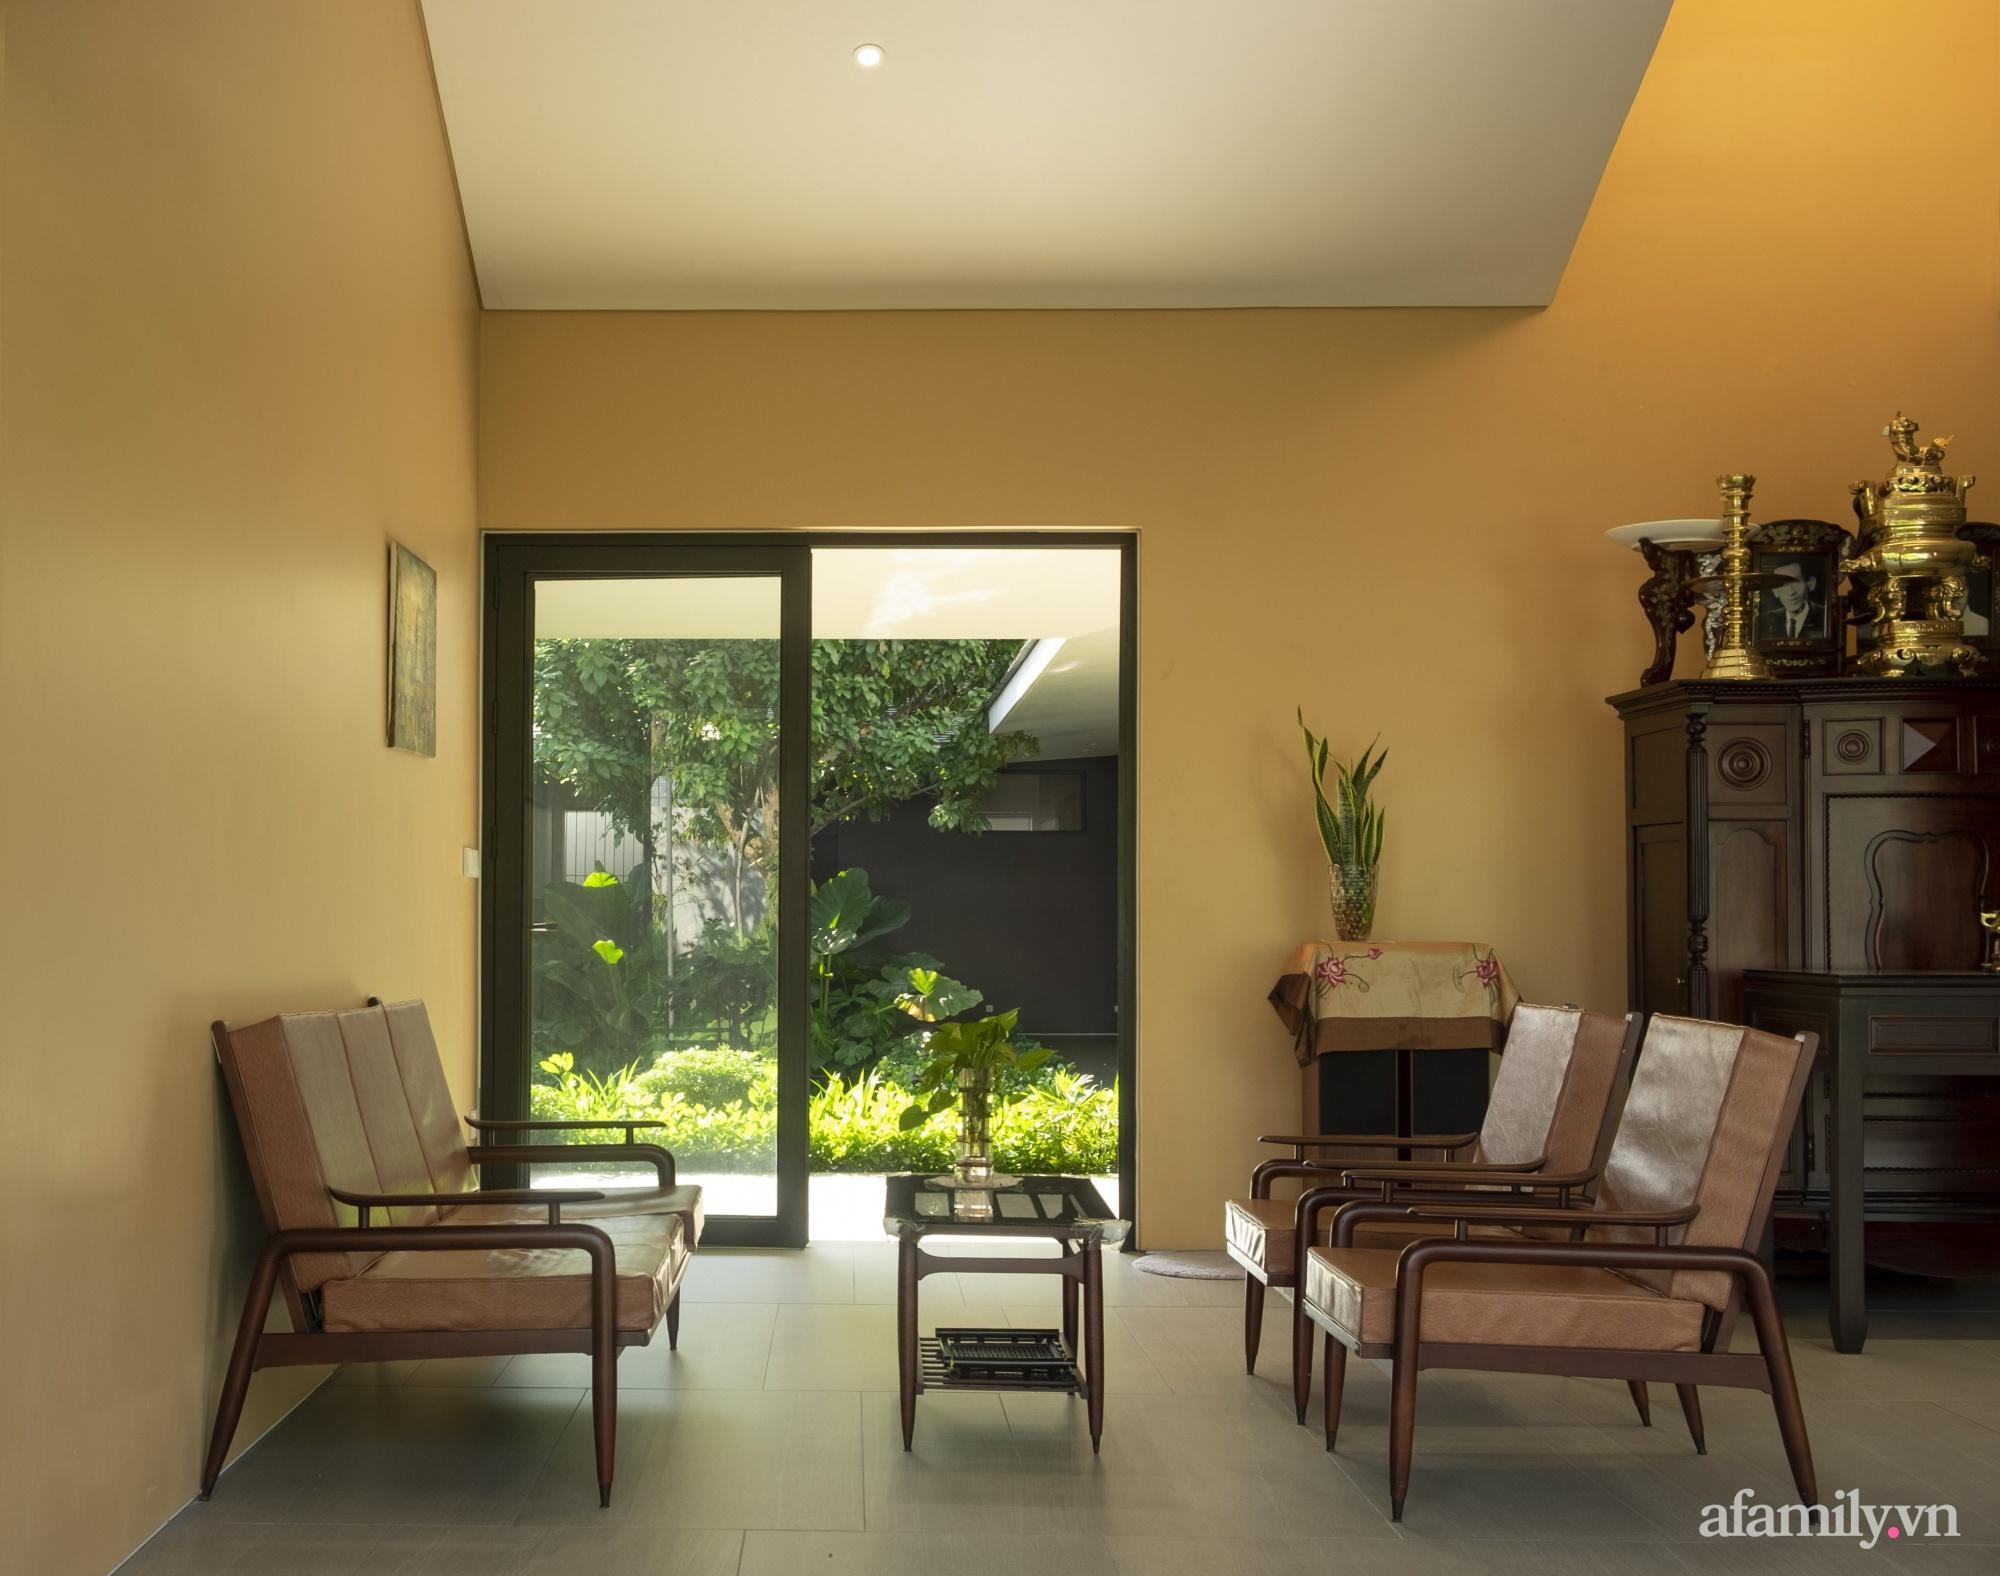 Ngôi nhà rợp mát bóng cây ở ngoại ô Sài Gòn tạo sự gắn kết cho gia đình 3 thế hệ - Ảnh 20.